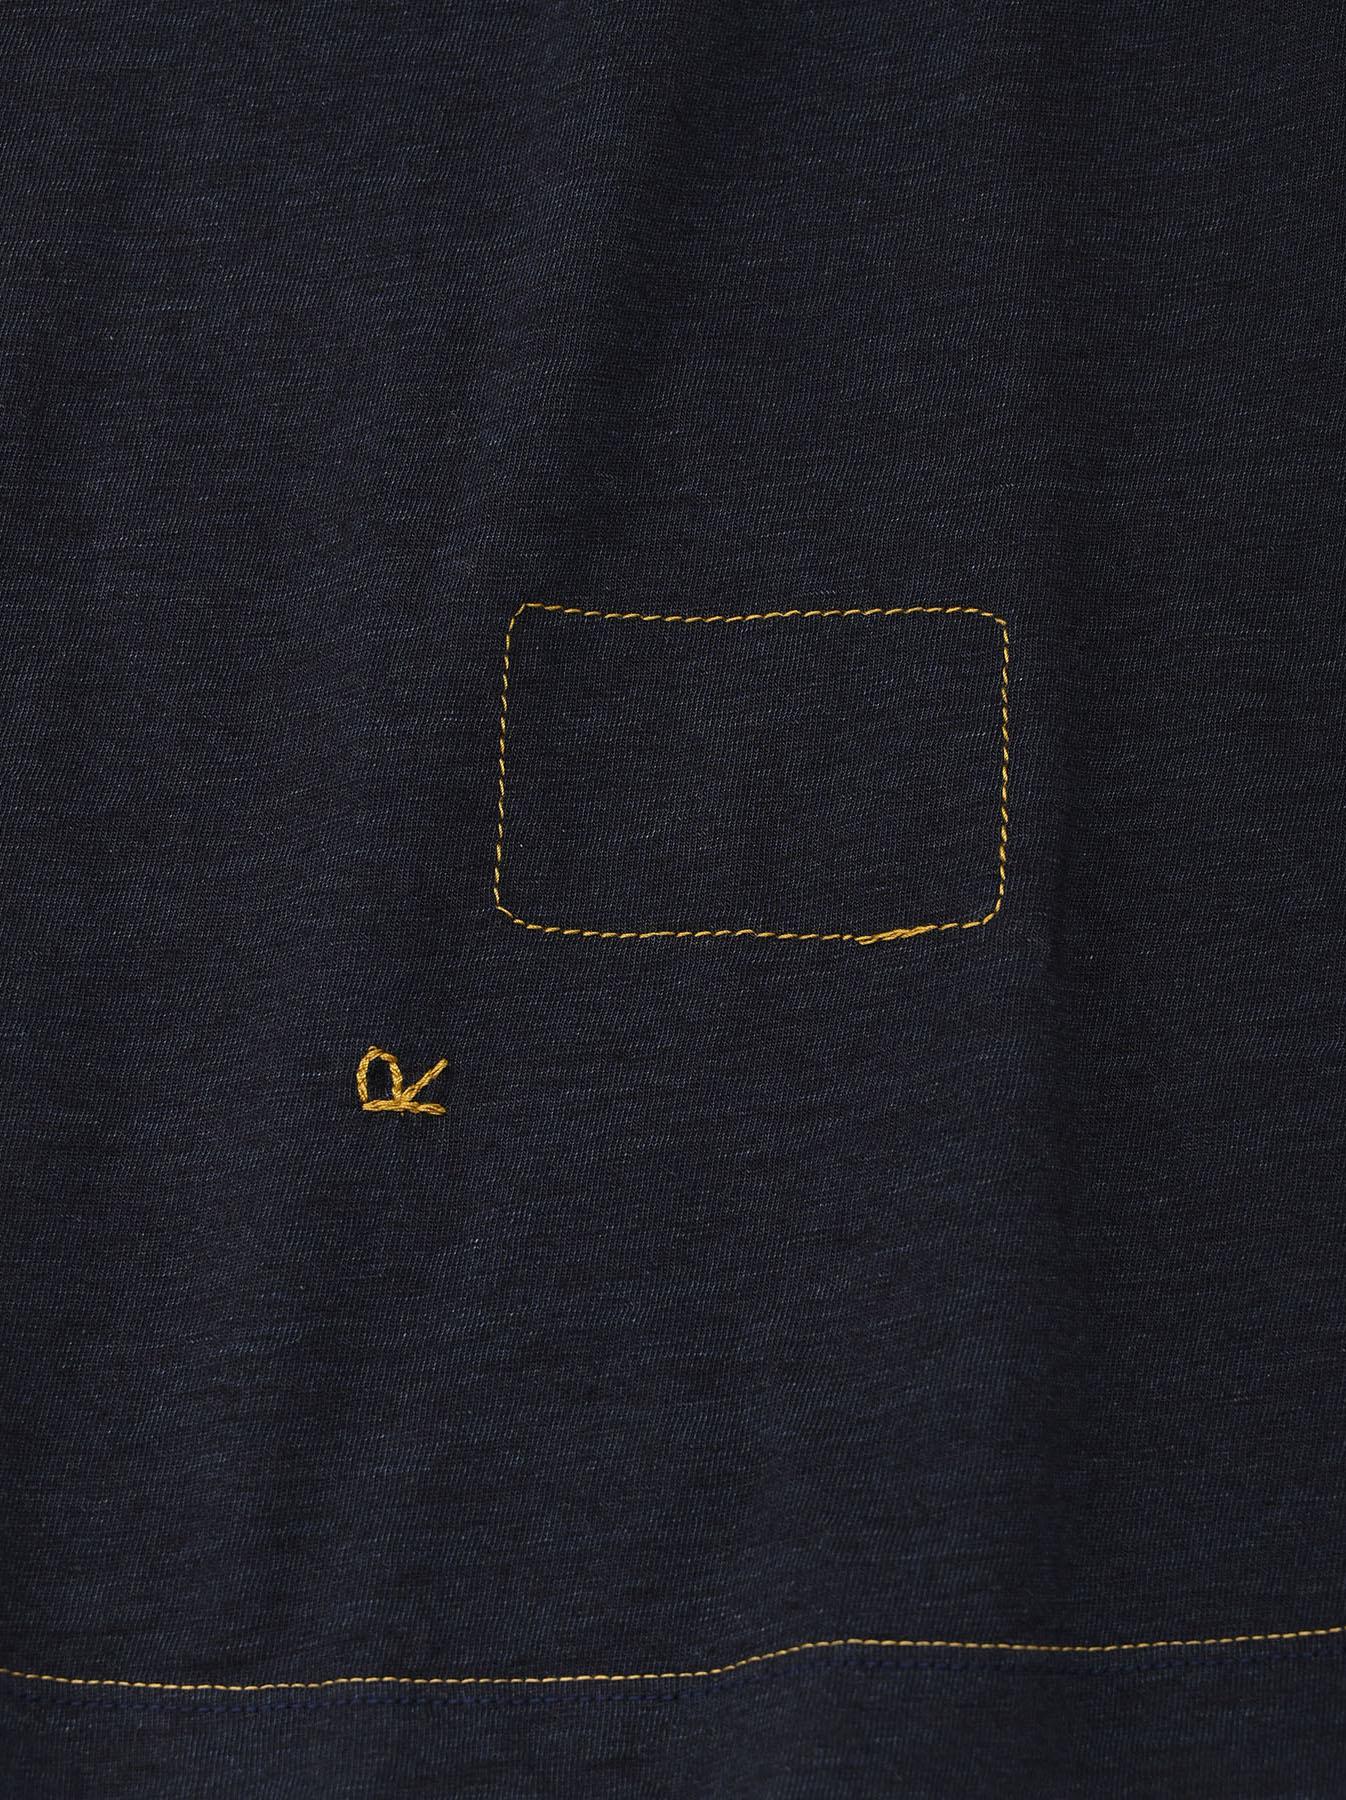 Indigo Sumite de Chicken T-shirt-10